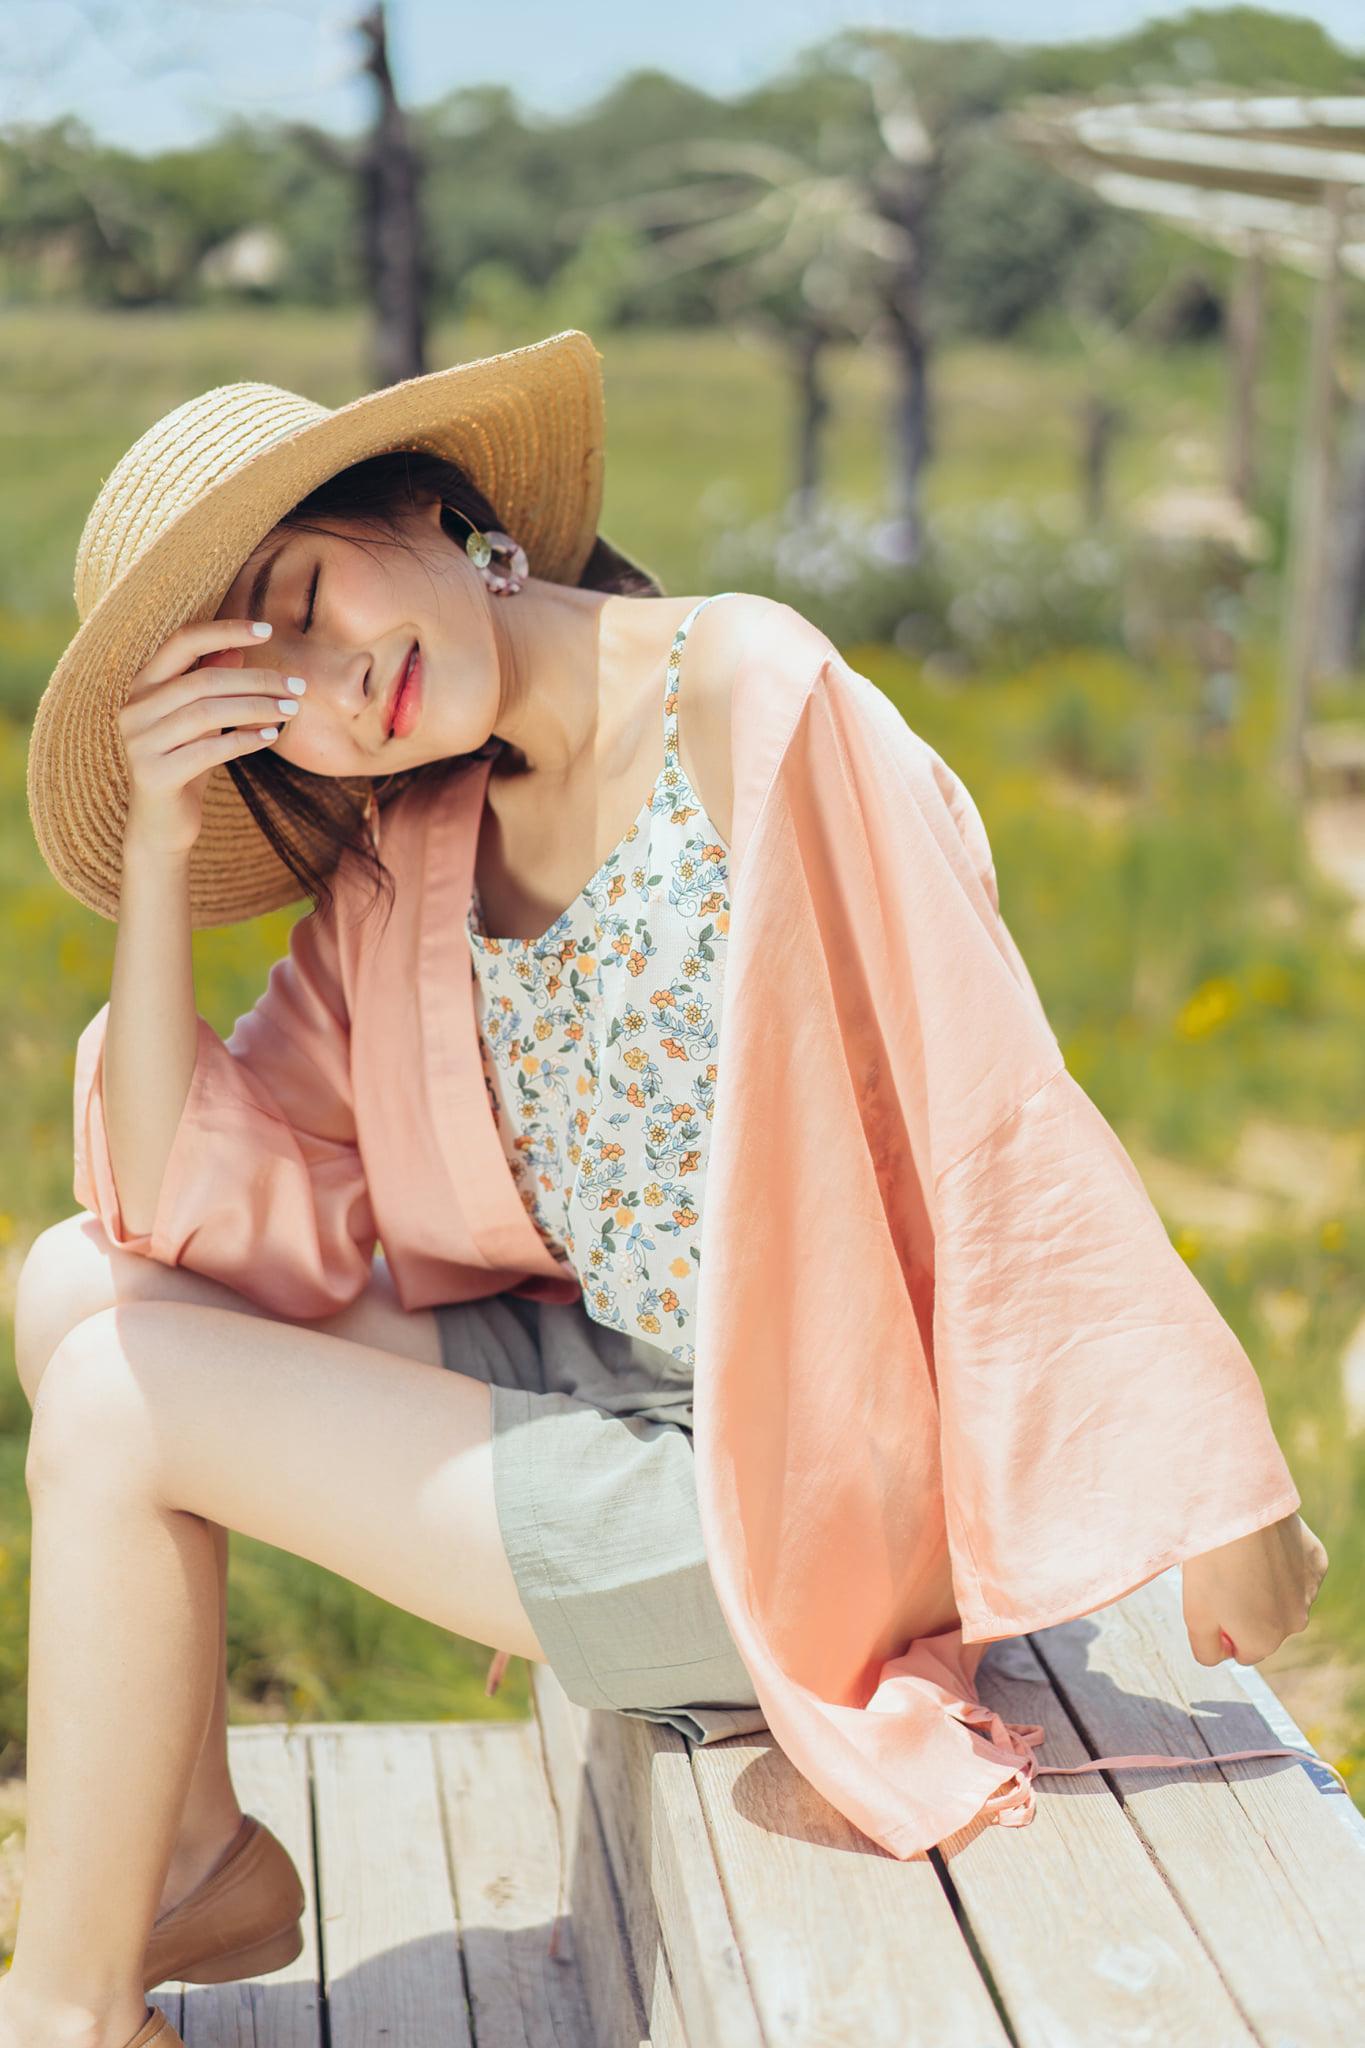 Thời trang Thu Bùi Shop tôn vinh phái đẹp bằng loạt thiết kế hiện đại đầy quyến rũ - Ảnh 1.